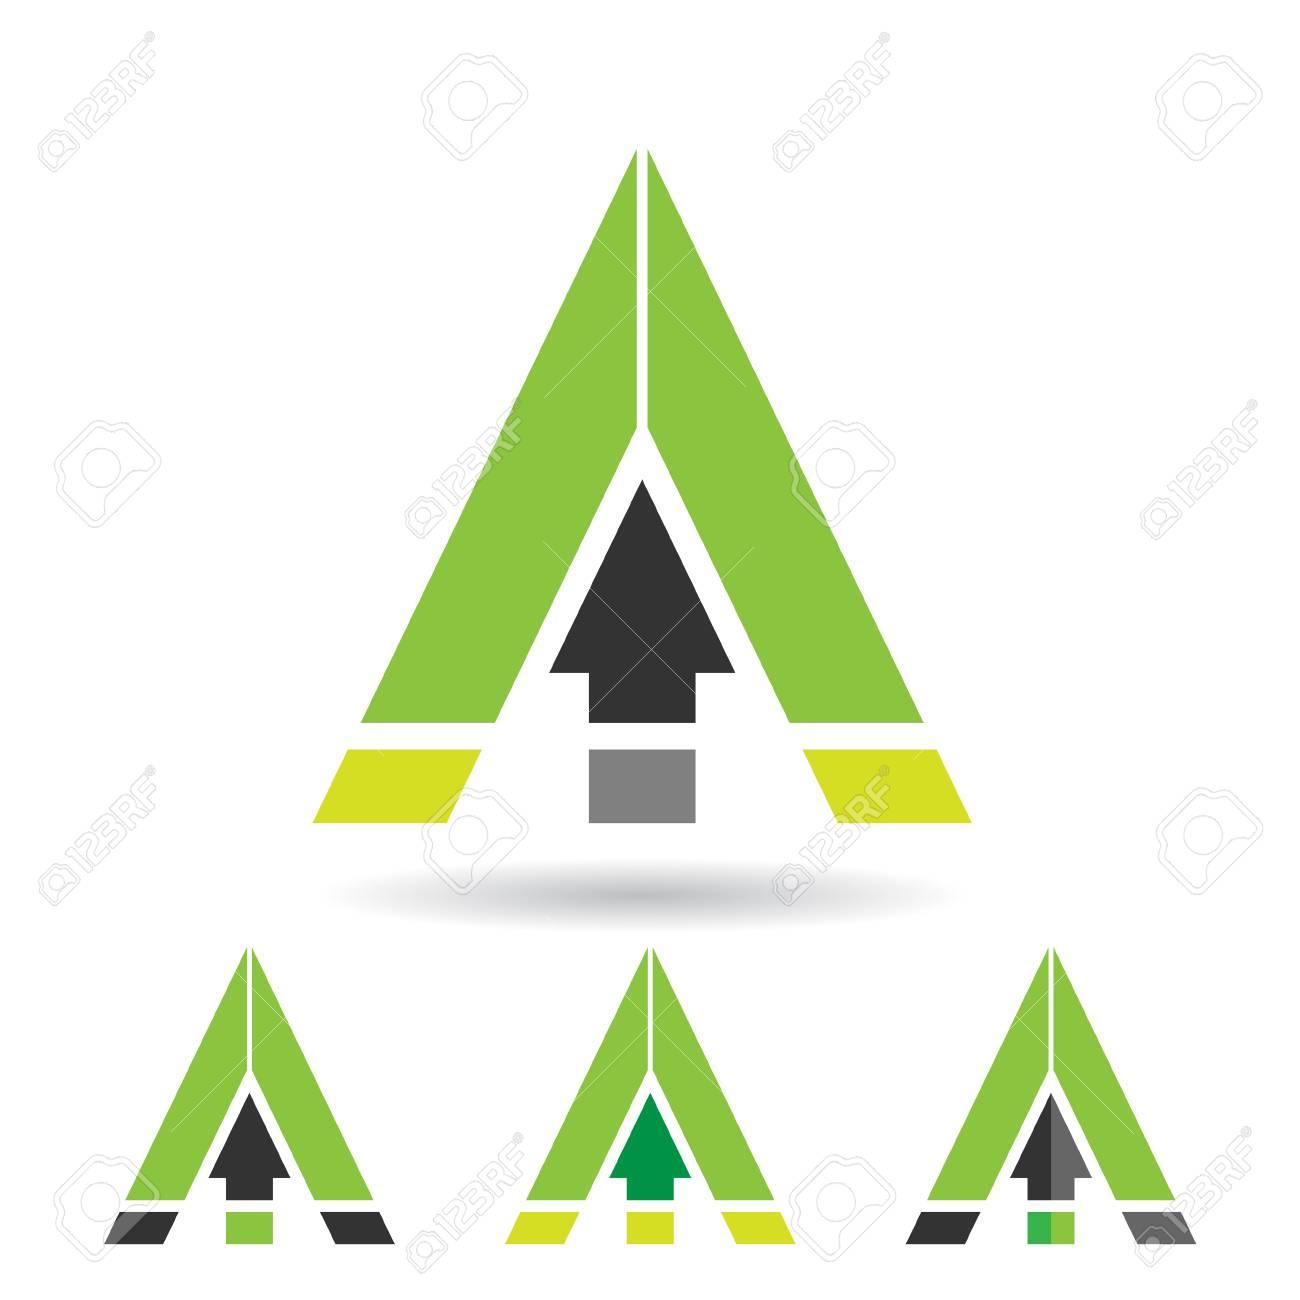 Design-Konzept Für Ein Buntes Abstrakte Dreieckiges Symbol Des ...